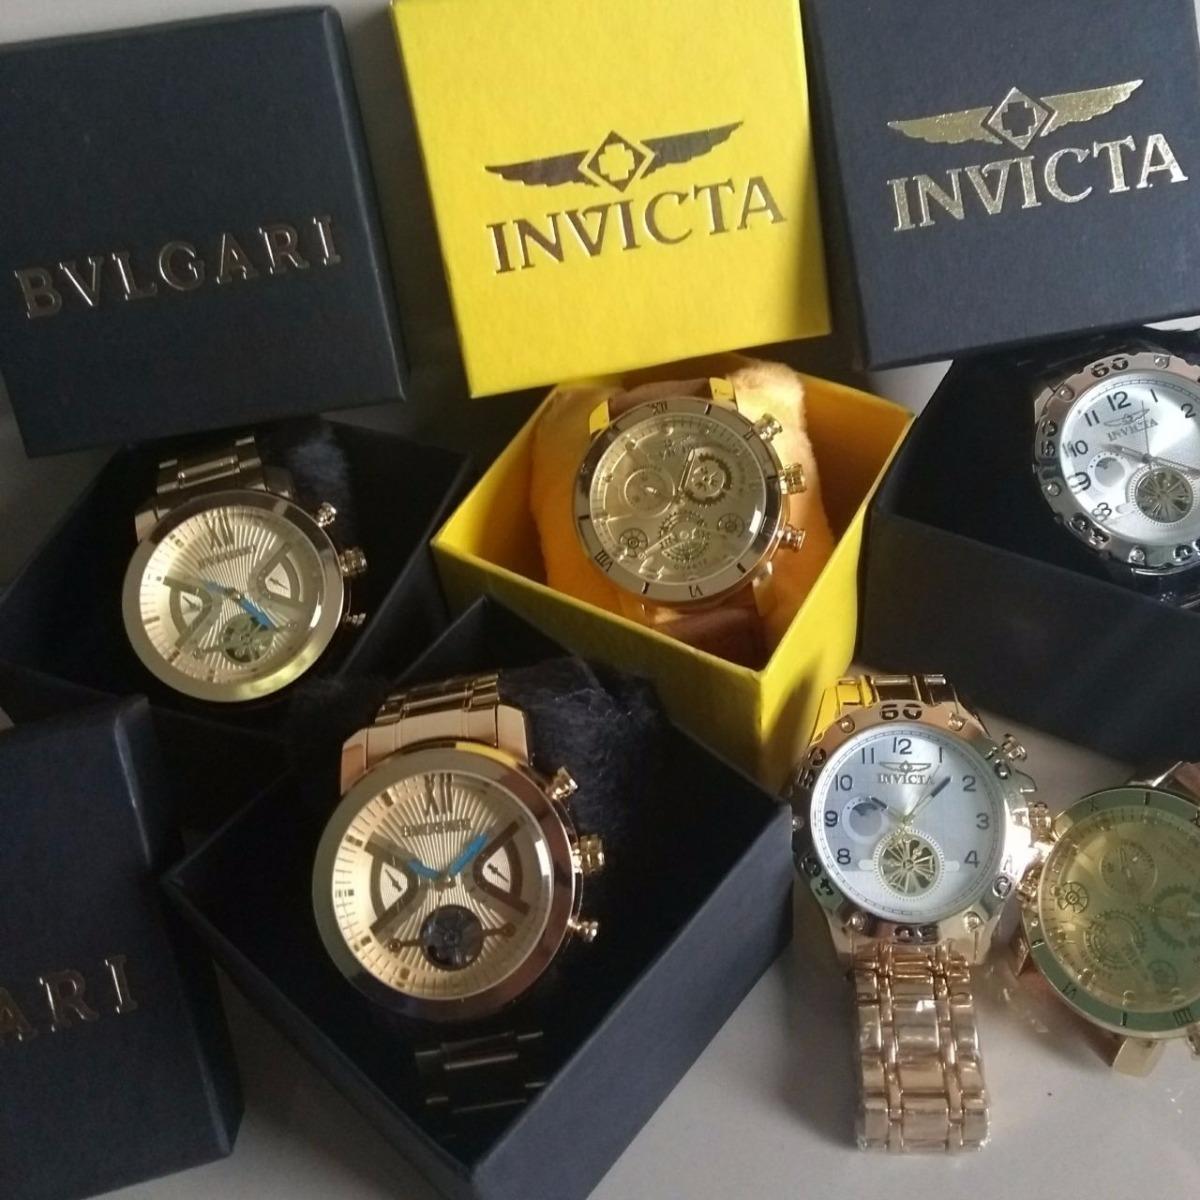 01a92176fe8 Kit Com 5 Relógios Masculino Luxo + Caixa Atacado Promoção - R  148 ...